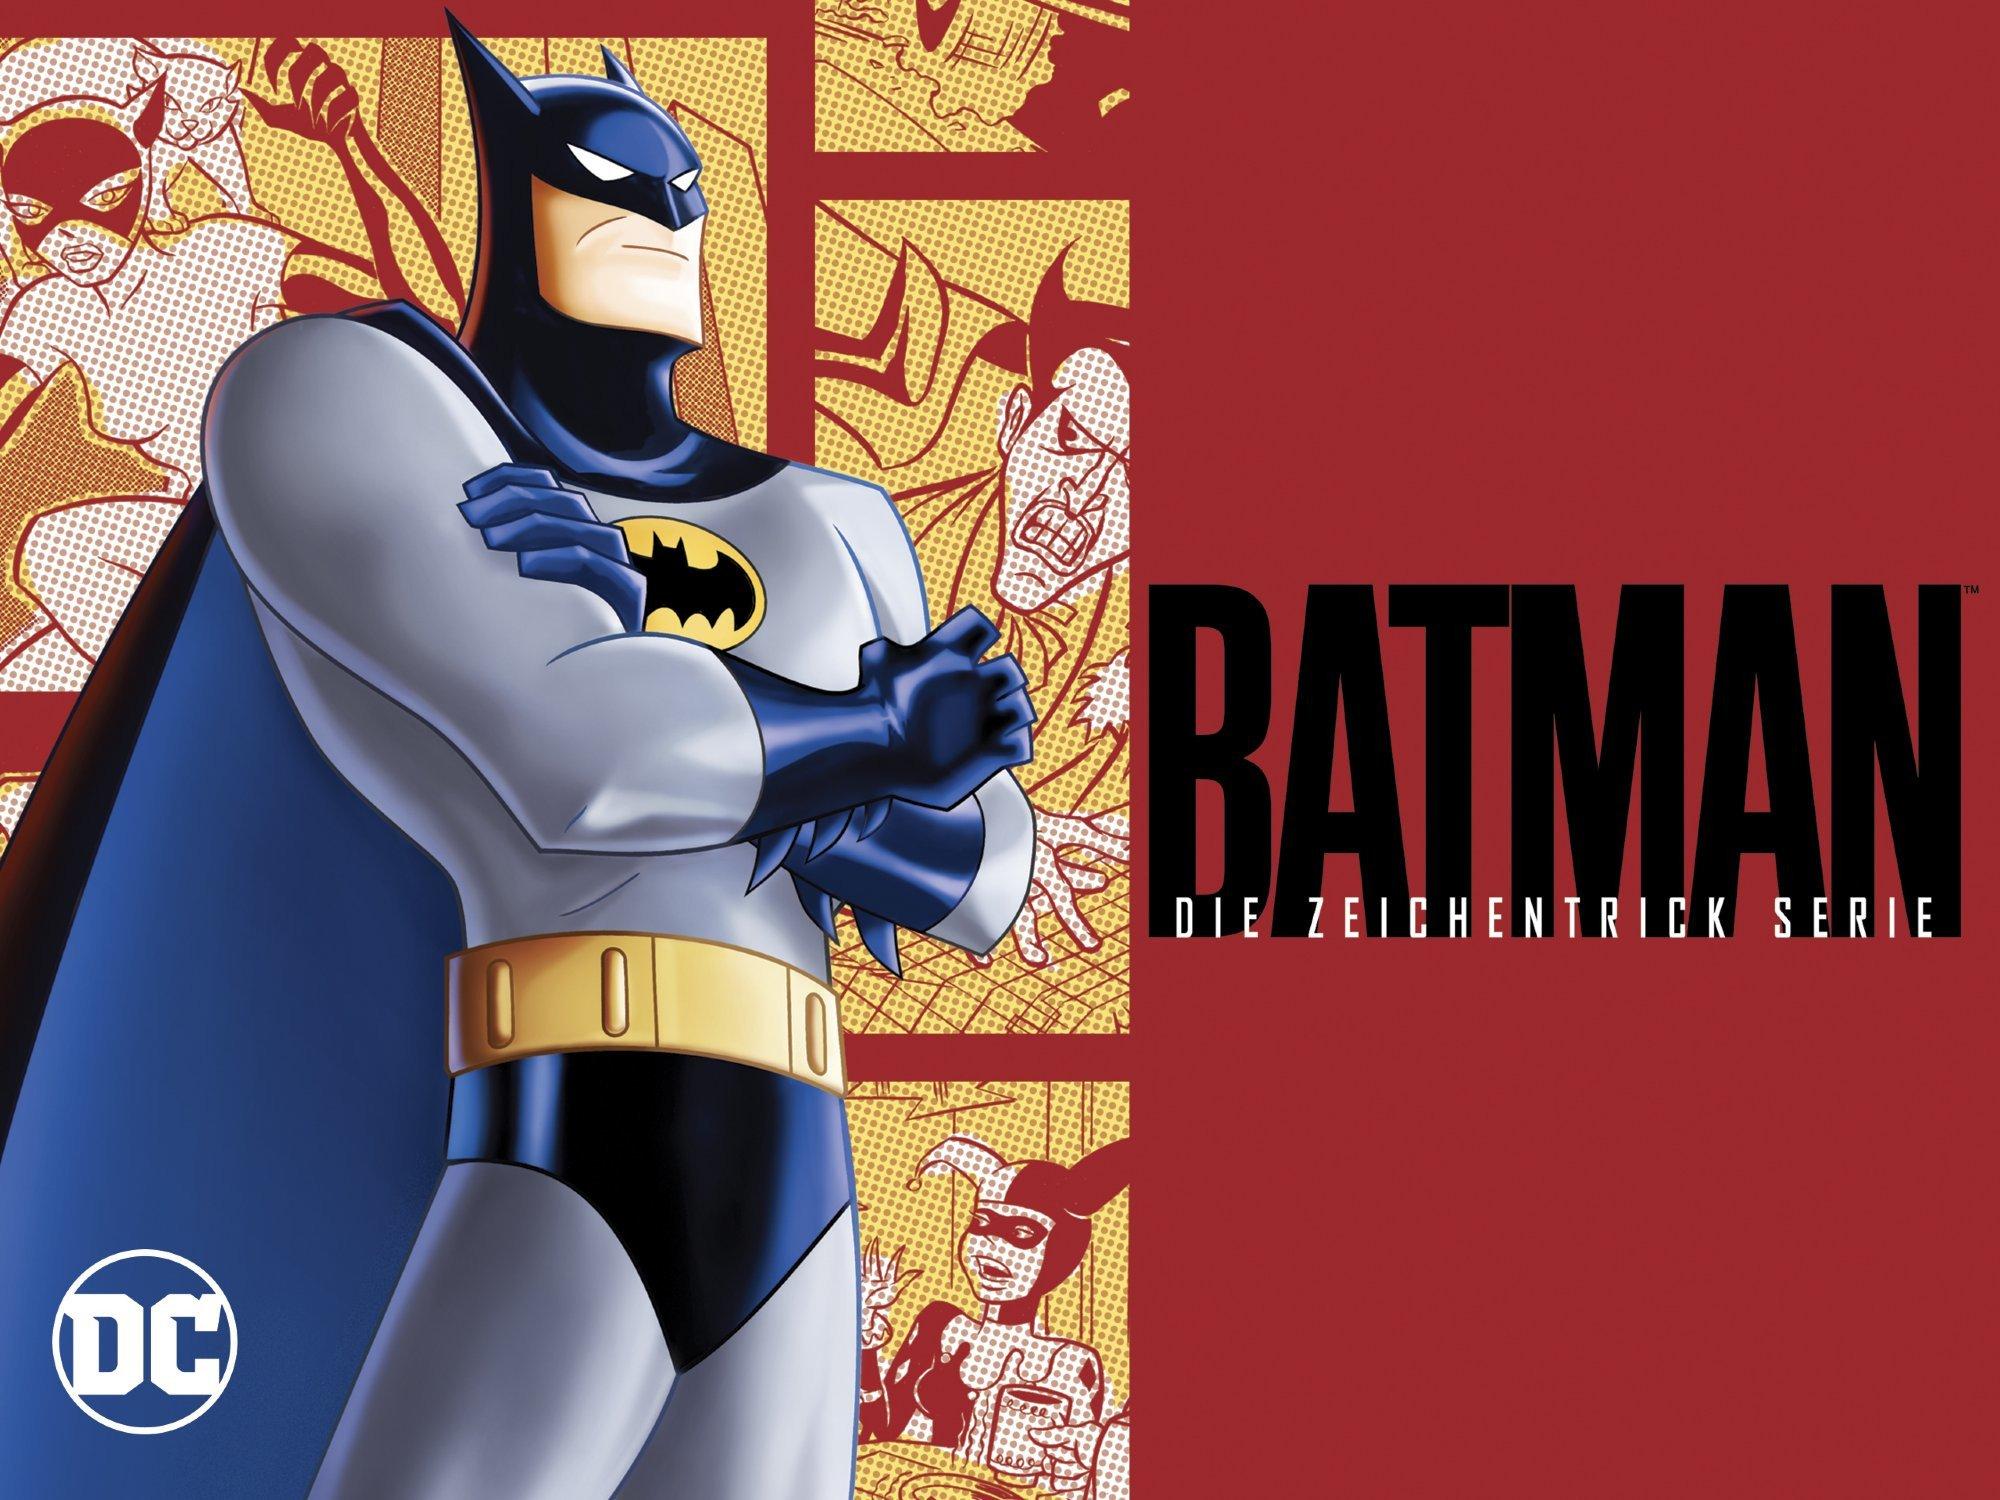 Batman Zeichentrick